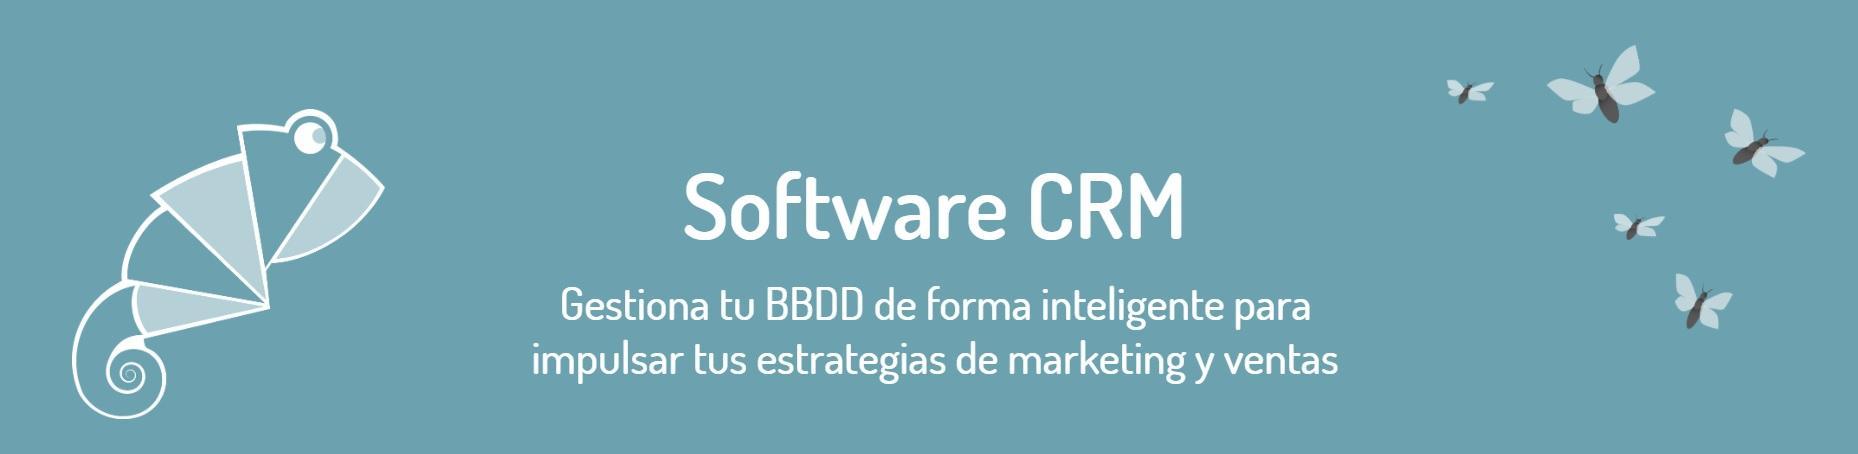 Opiniones Activalink: El CRM gratuito ideal para las empresas de servicios y PYMES - appvizer